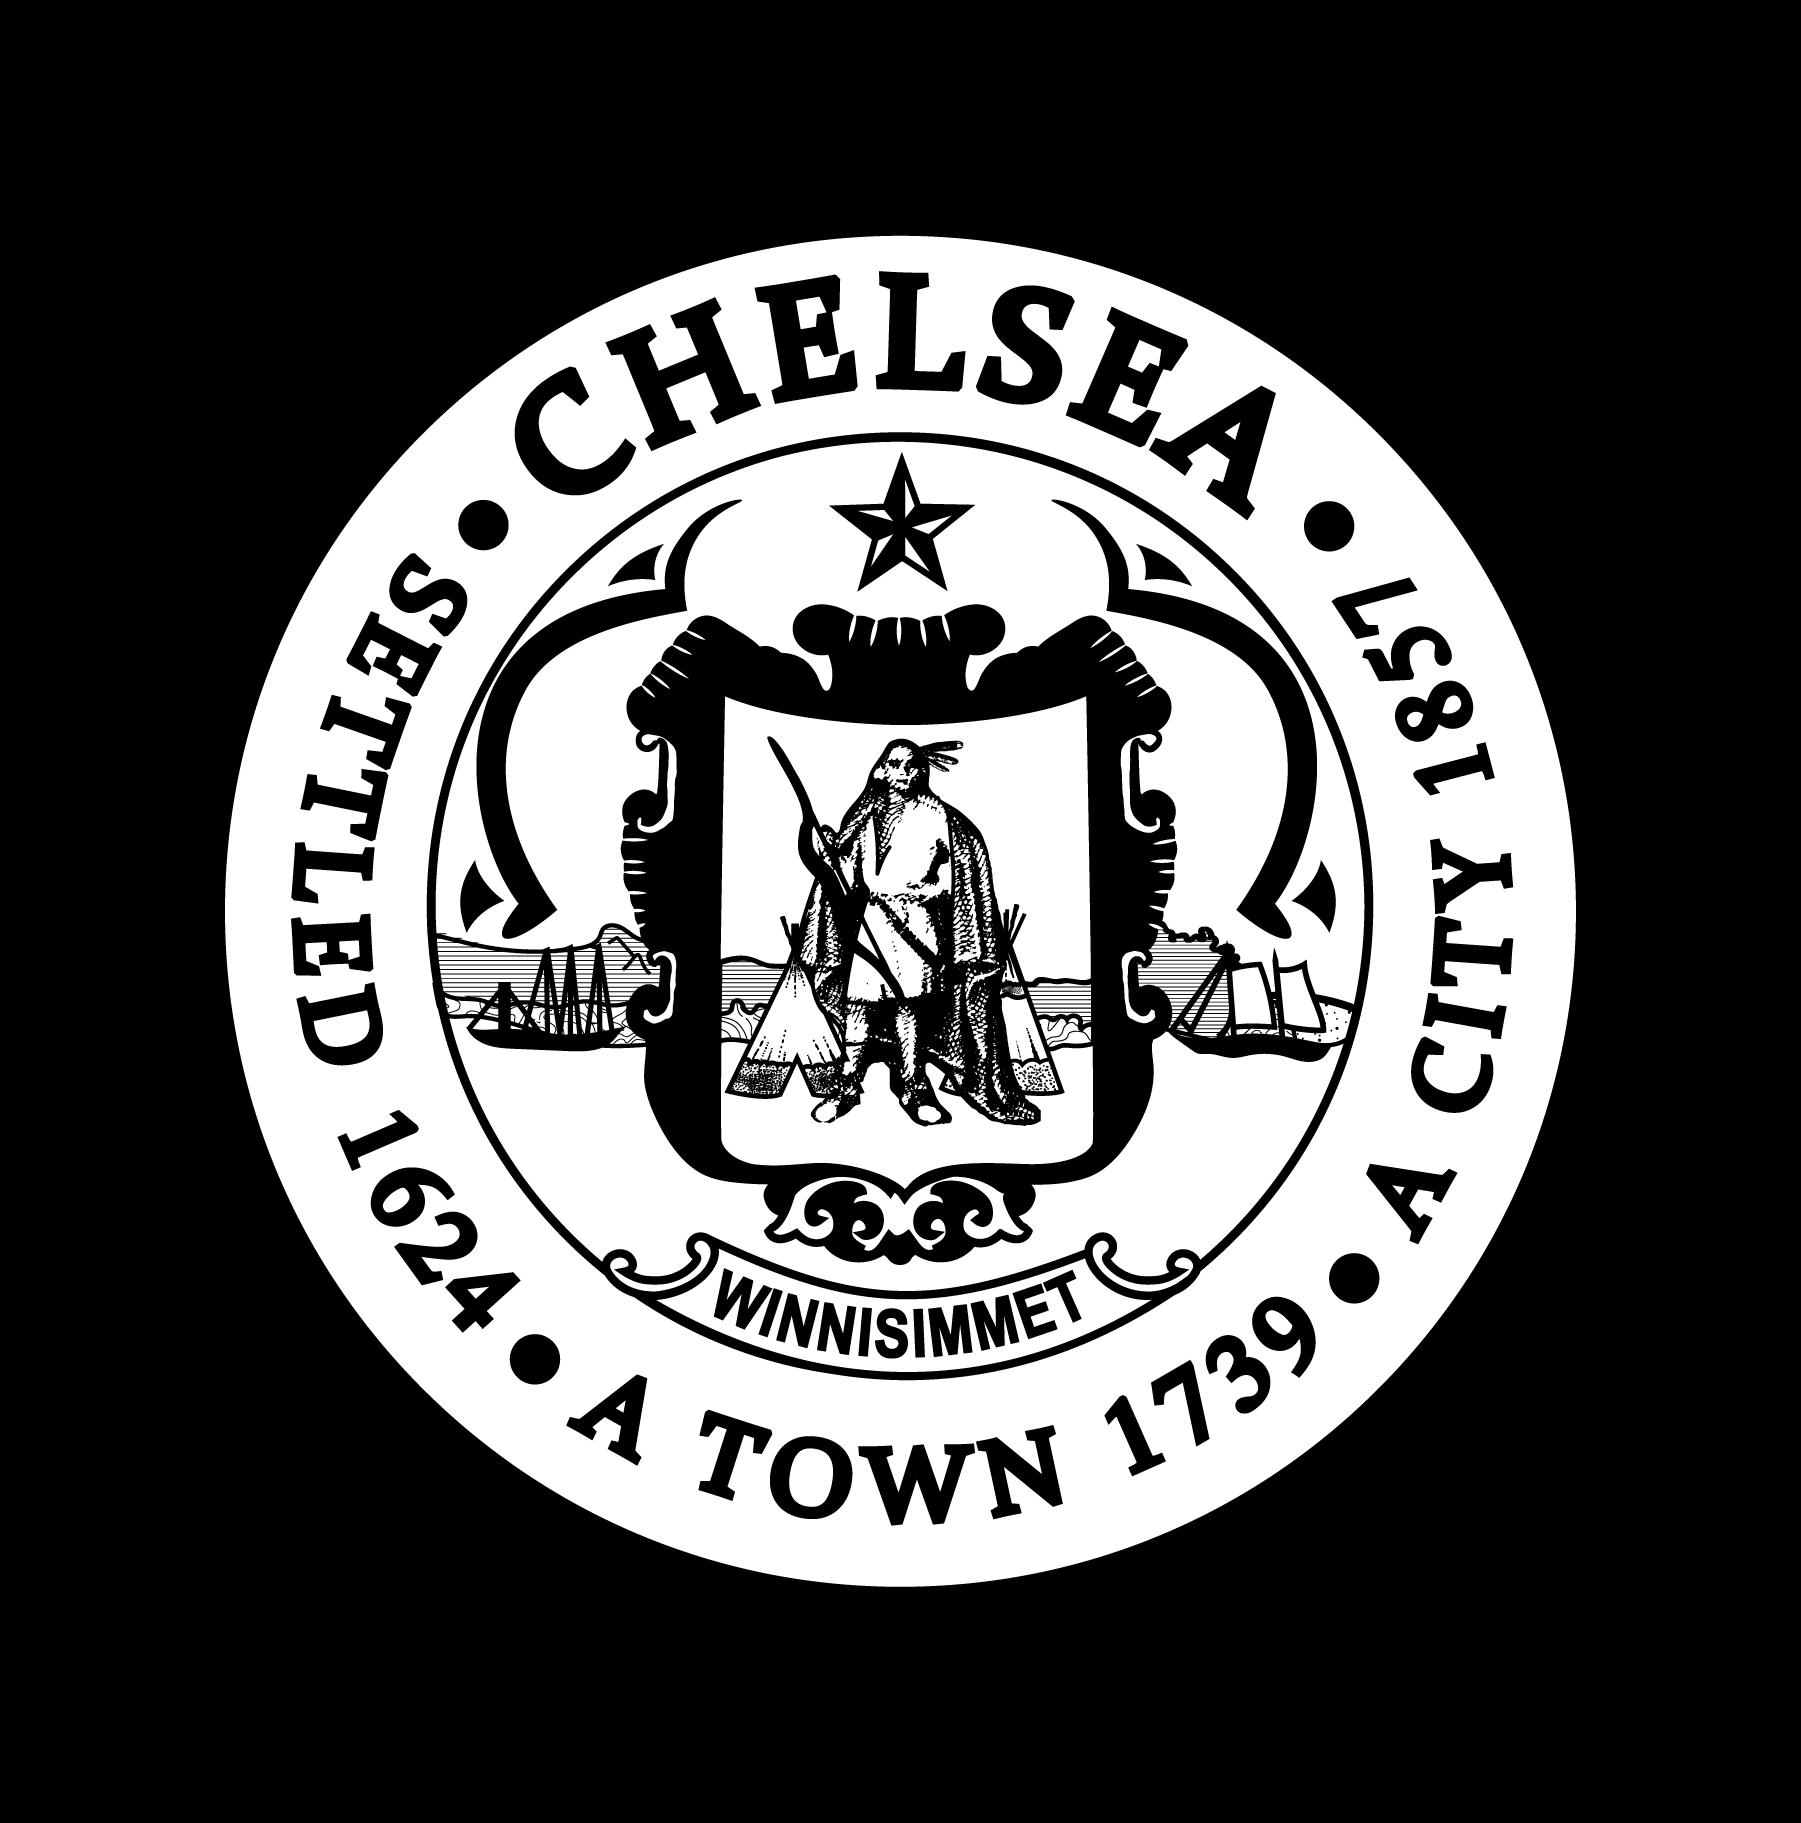 Chelsea Open Finance